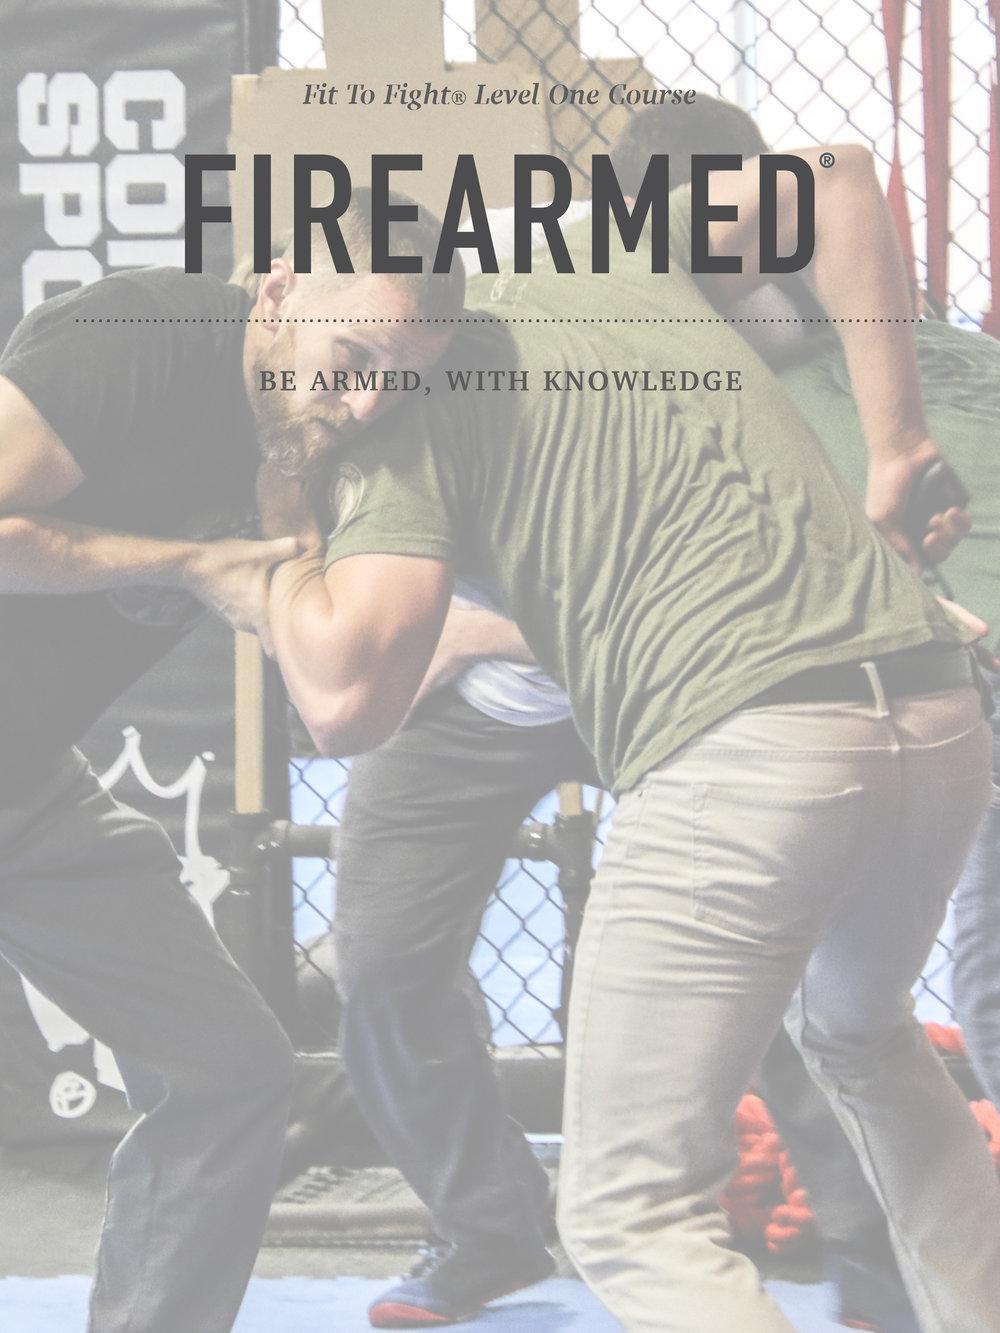 firearmedimageslev1.2-3.jpg